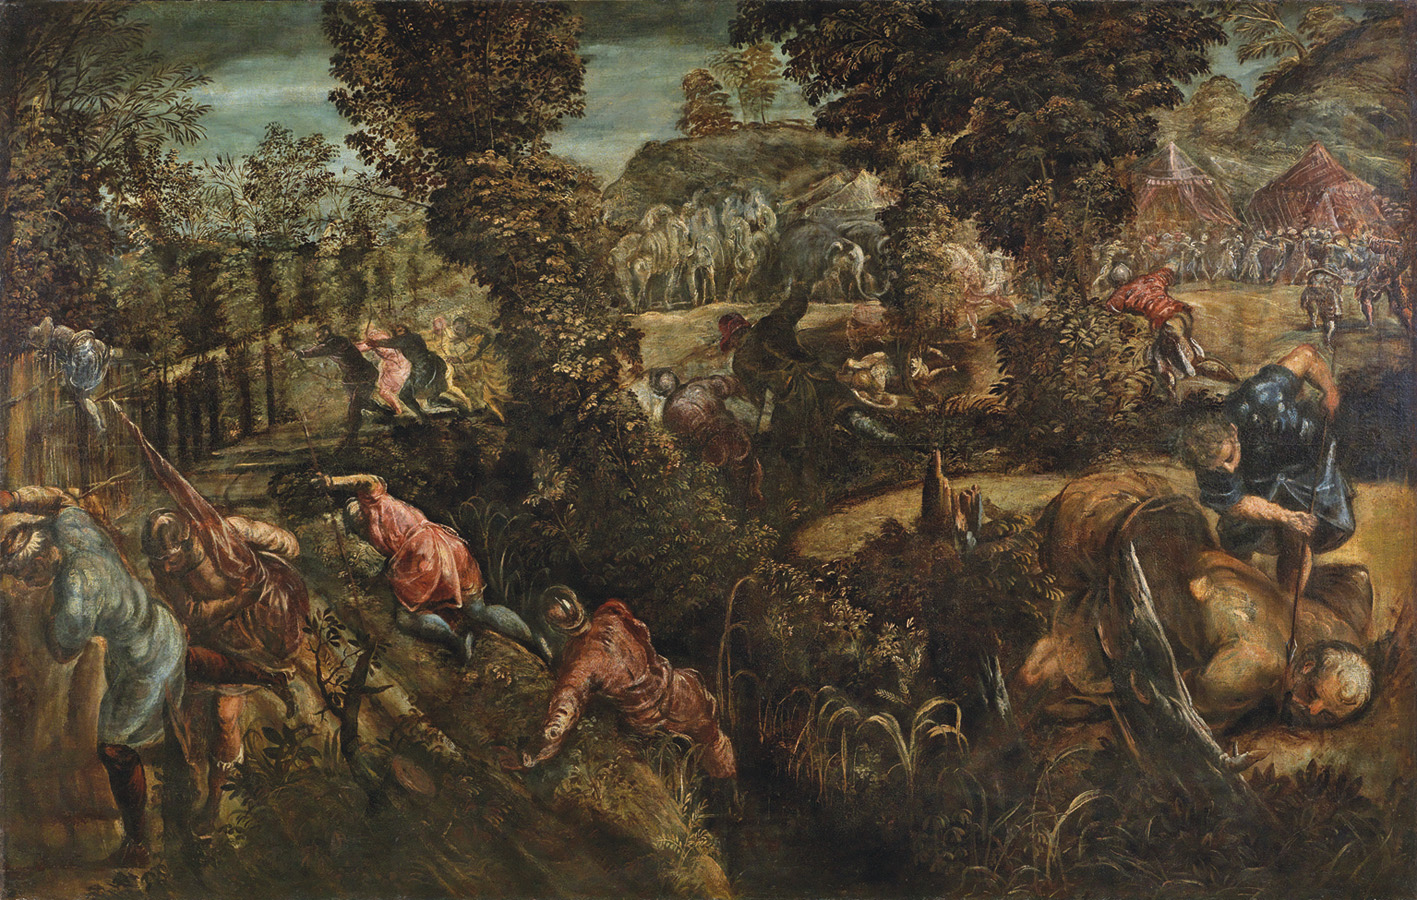 Oltre 900 mila euro per un inedito Tintoretto da Dorotheum